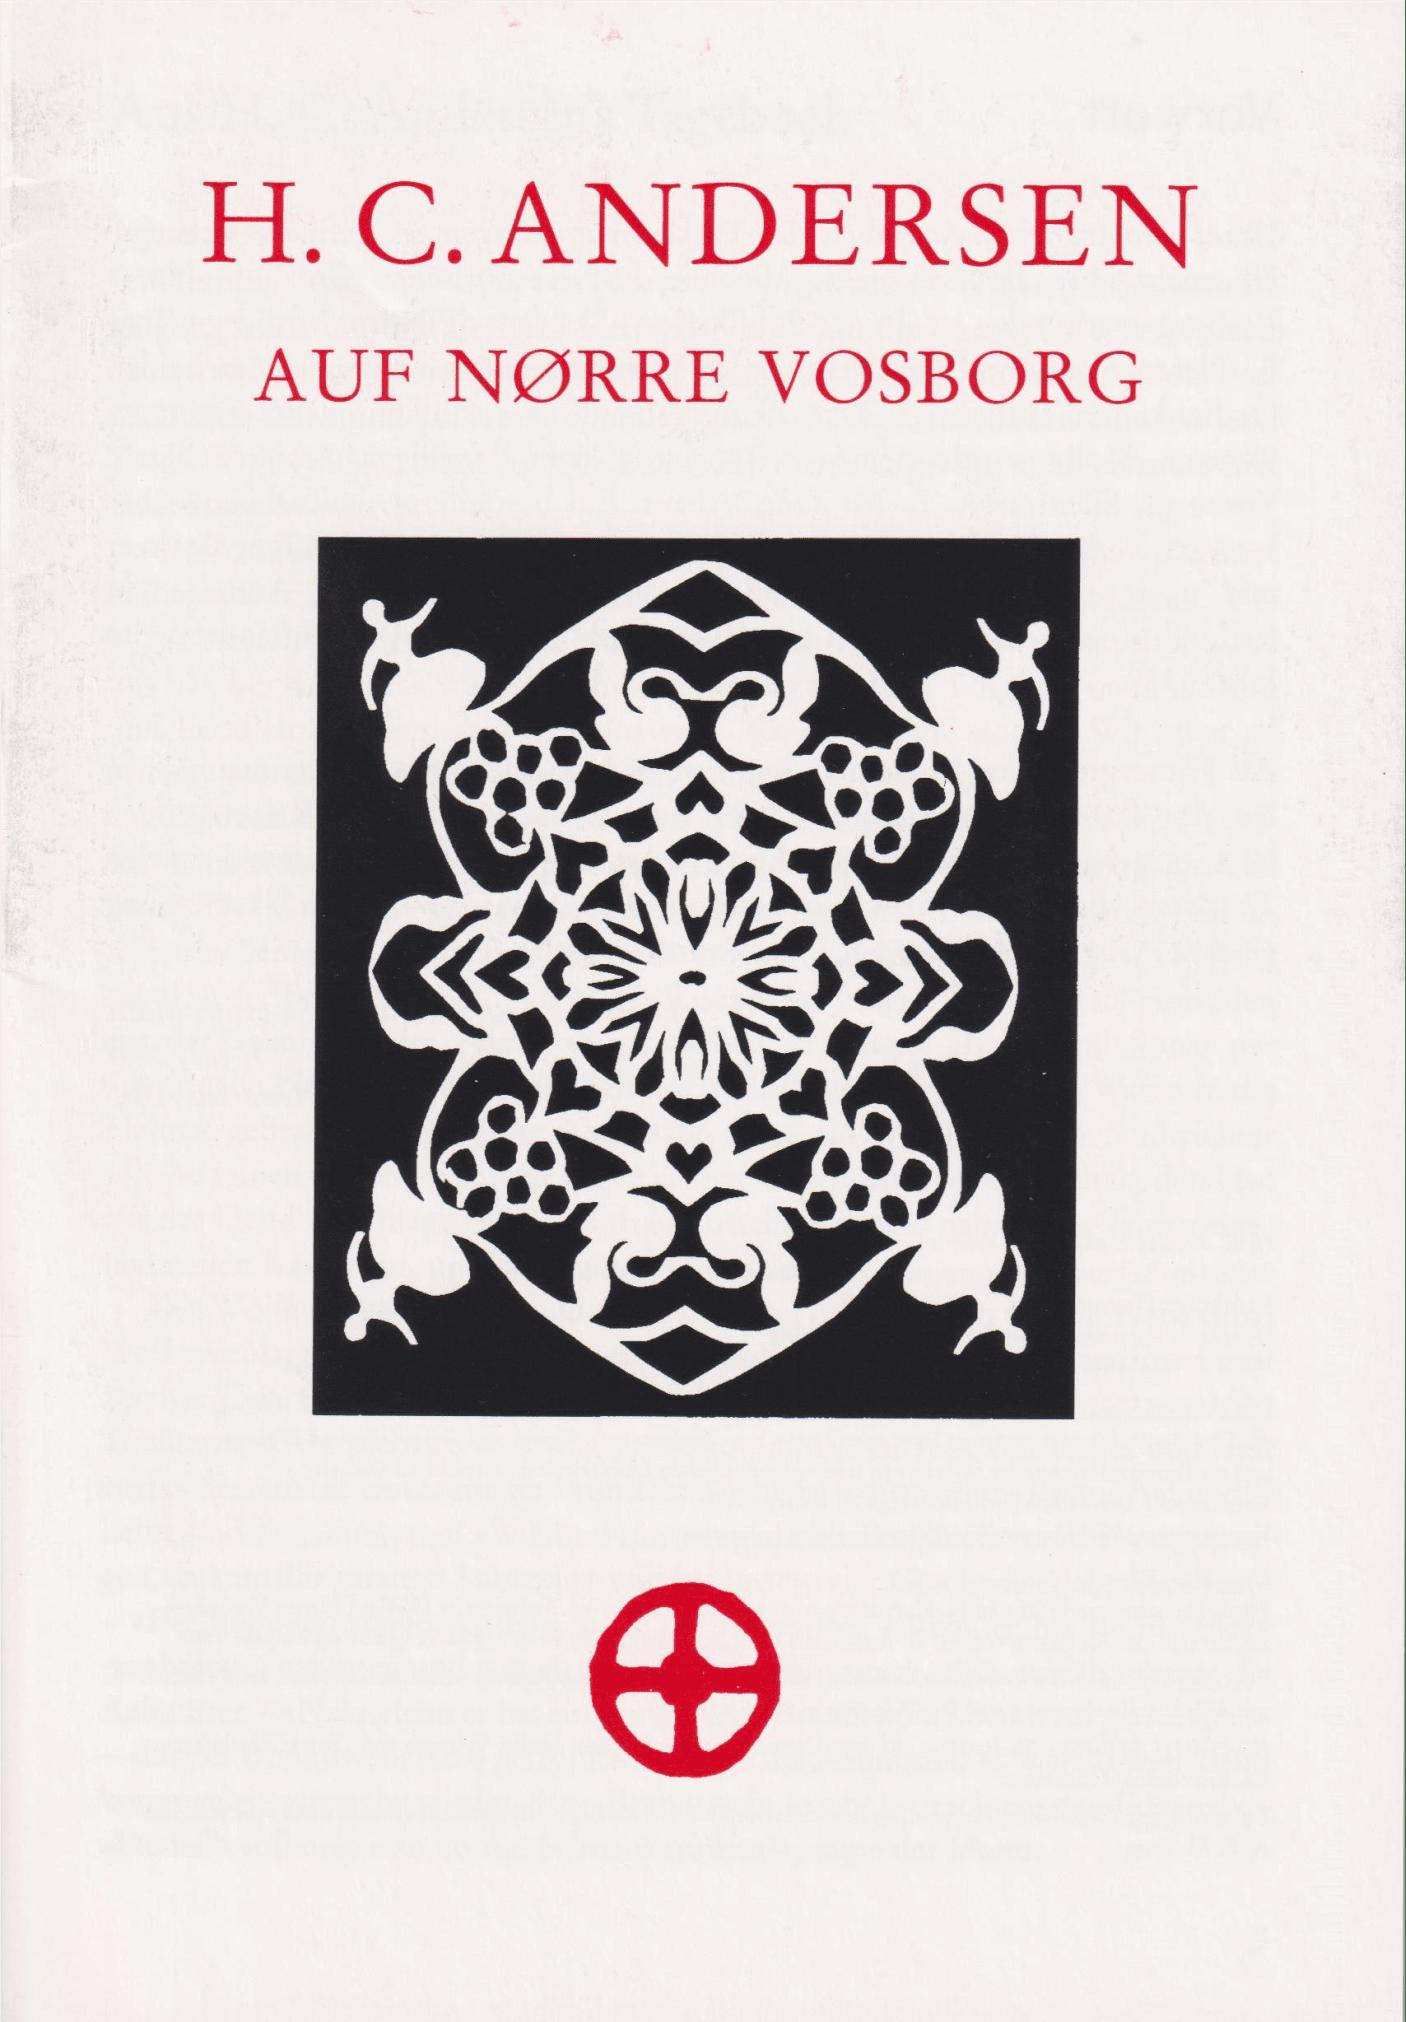 H.C. Andersen auf Nørre Vosborg